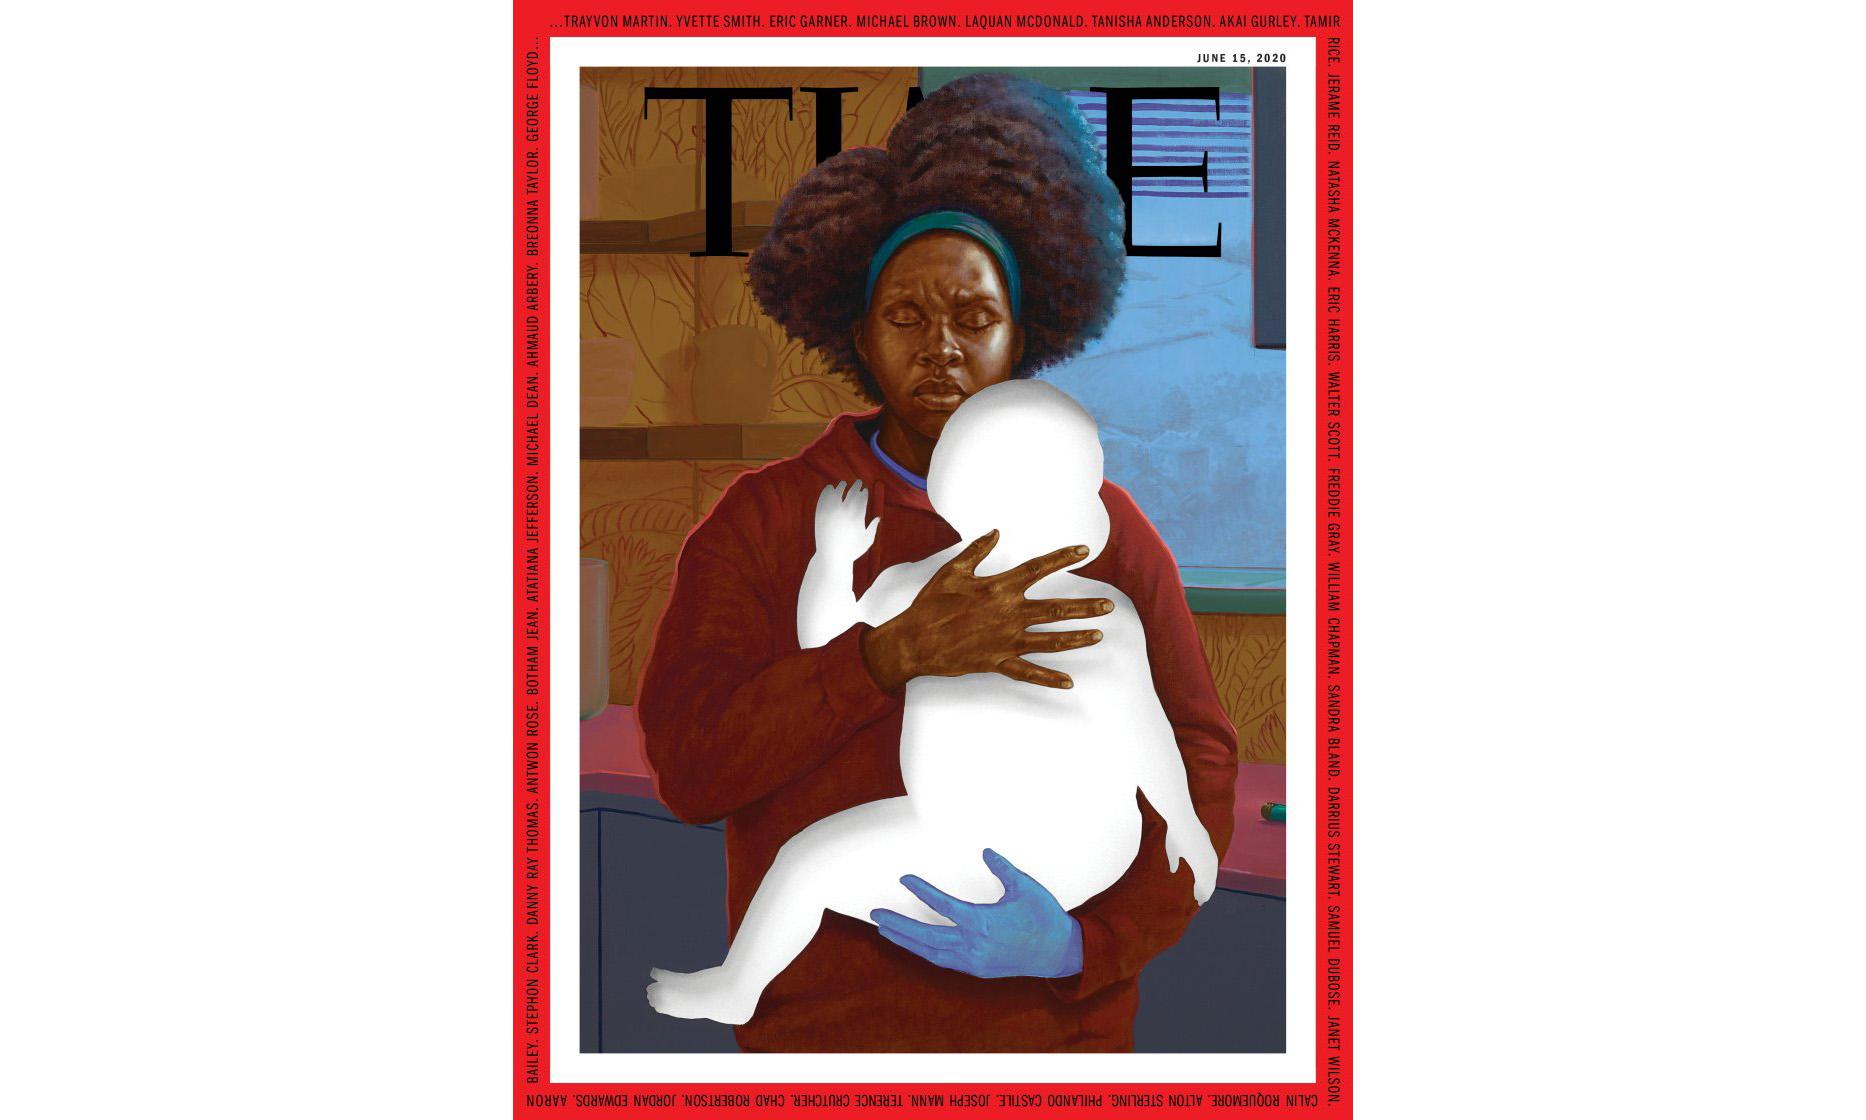 《时代》杂志最新一期封面缅怀 George Floyd